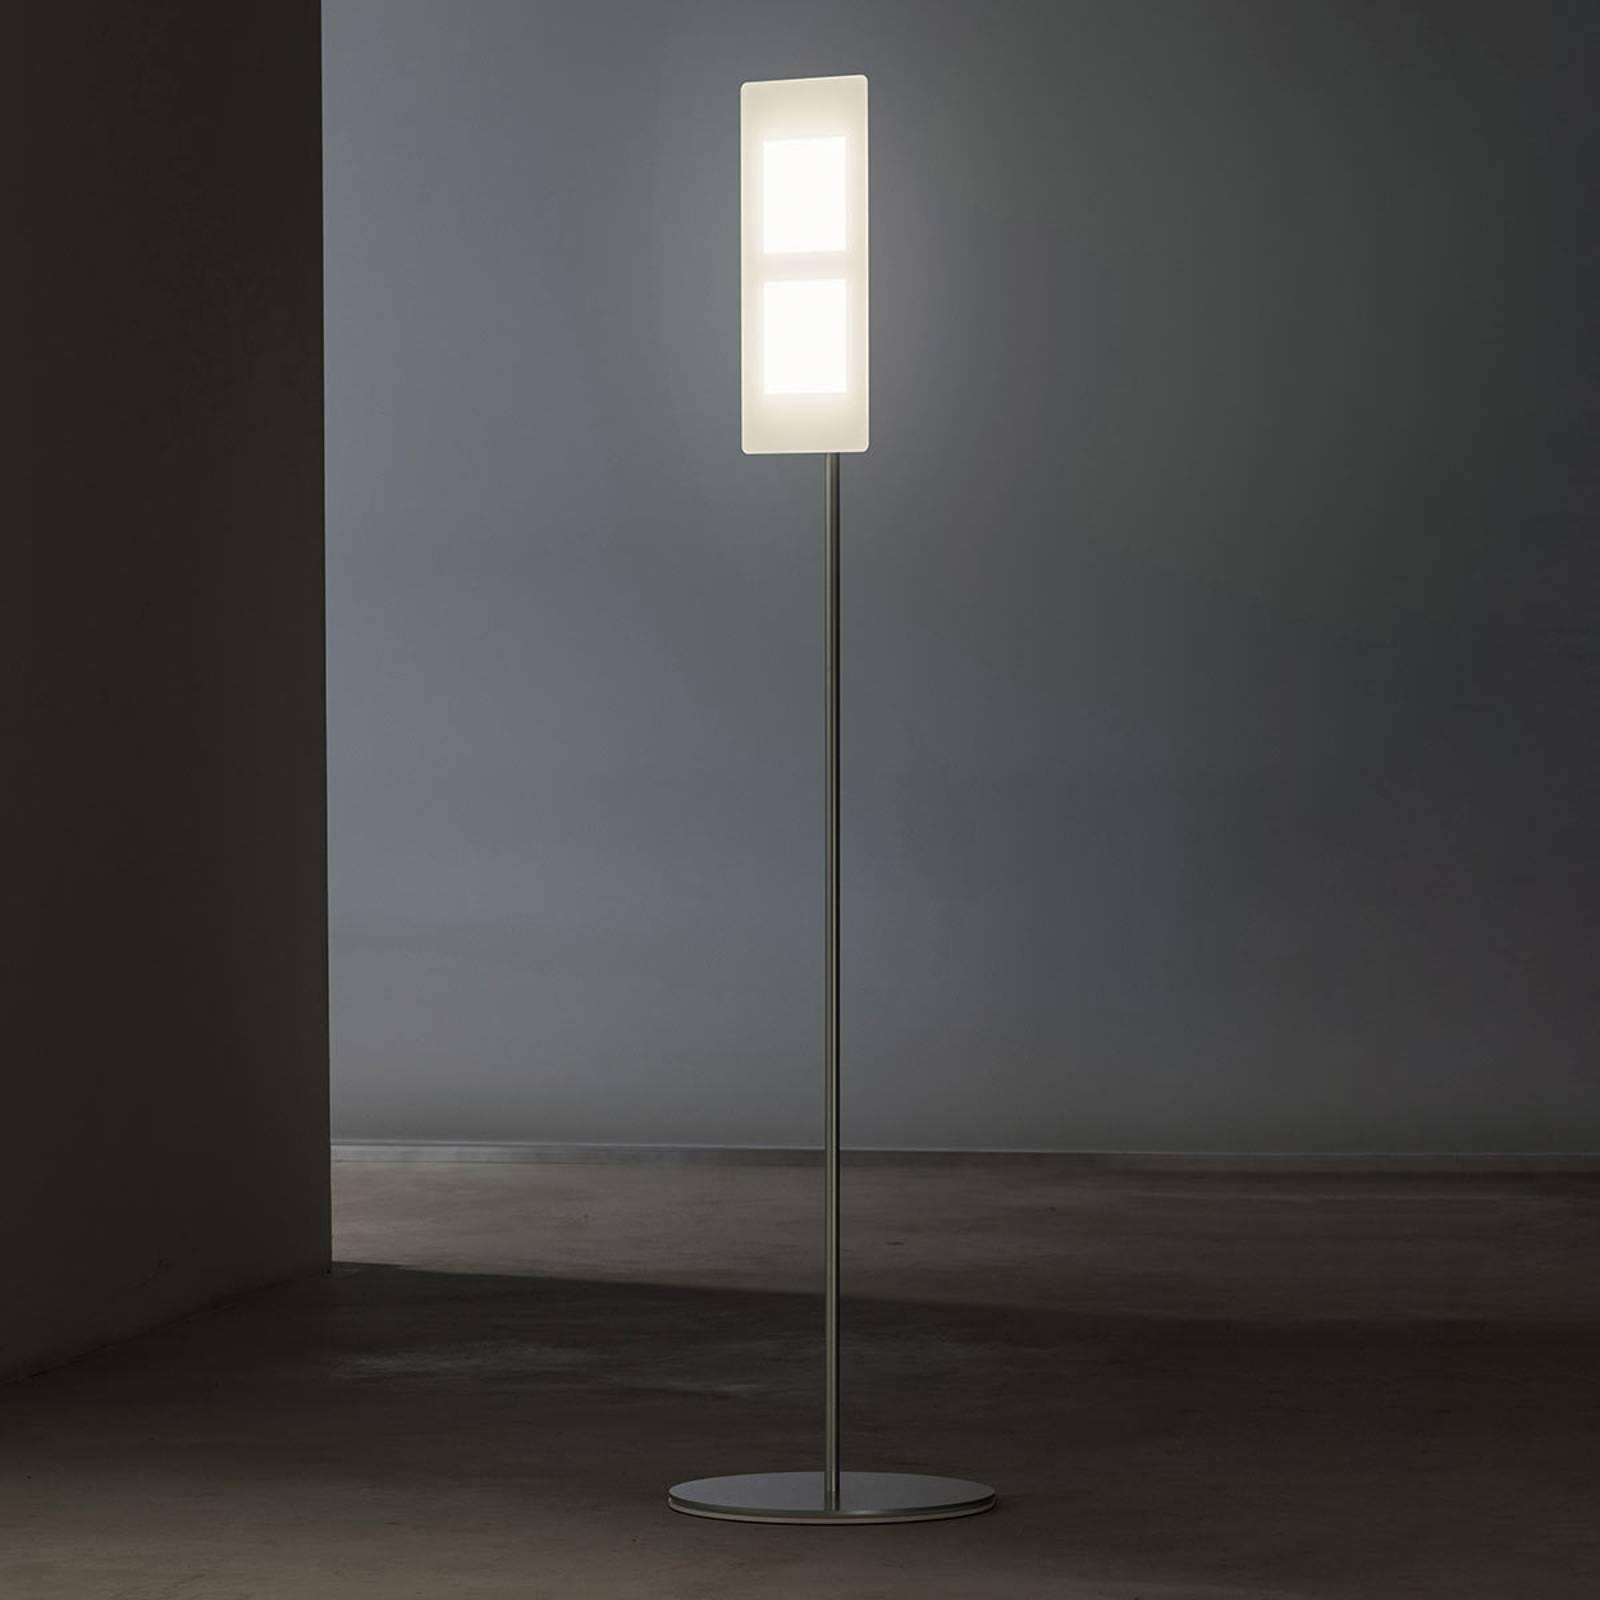 Met OLEDs - vloerlamp OMLED One f2 zwart